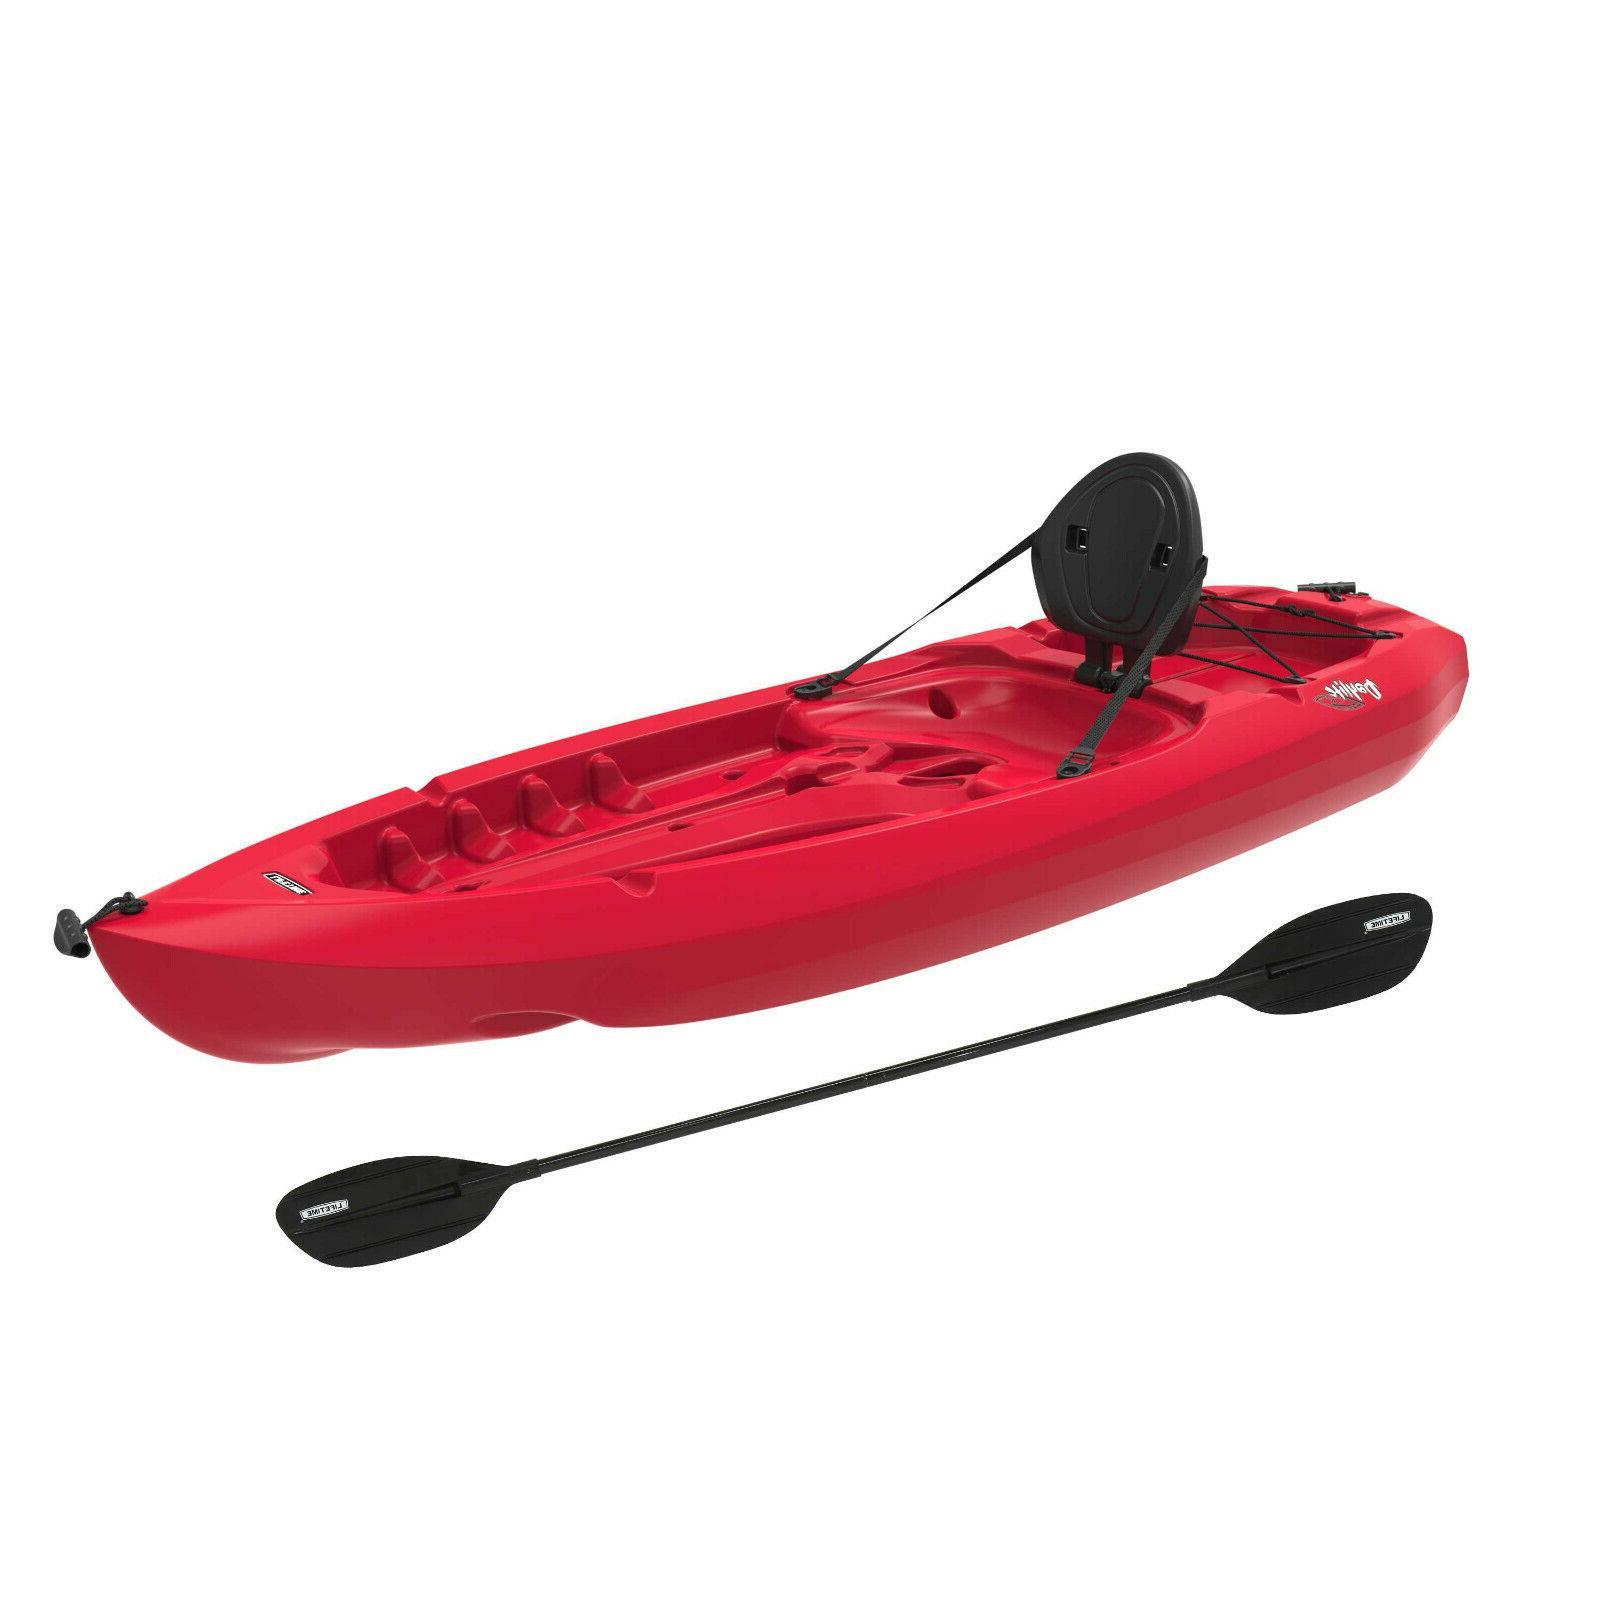 daylite 80 sit on top kayak paddle